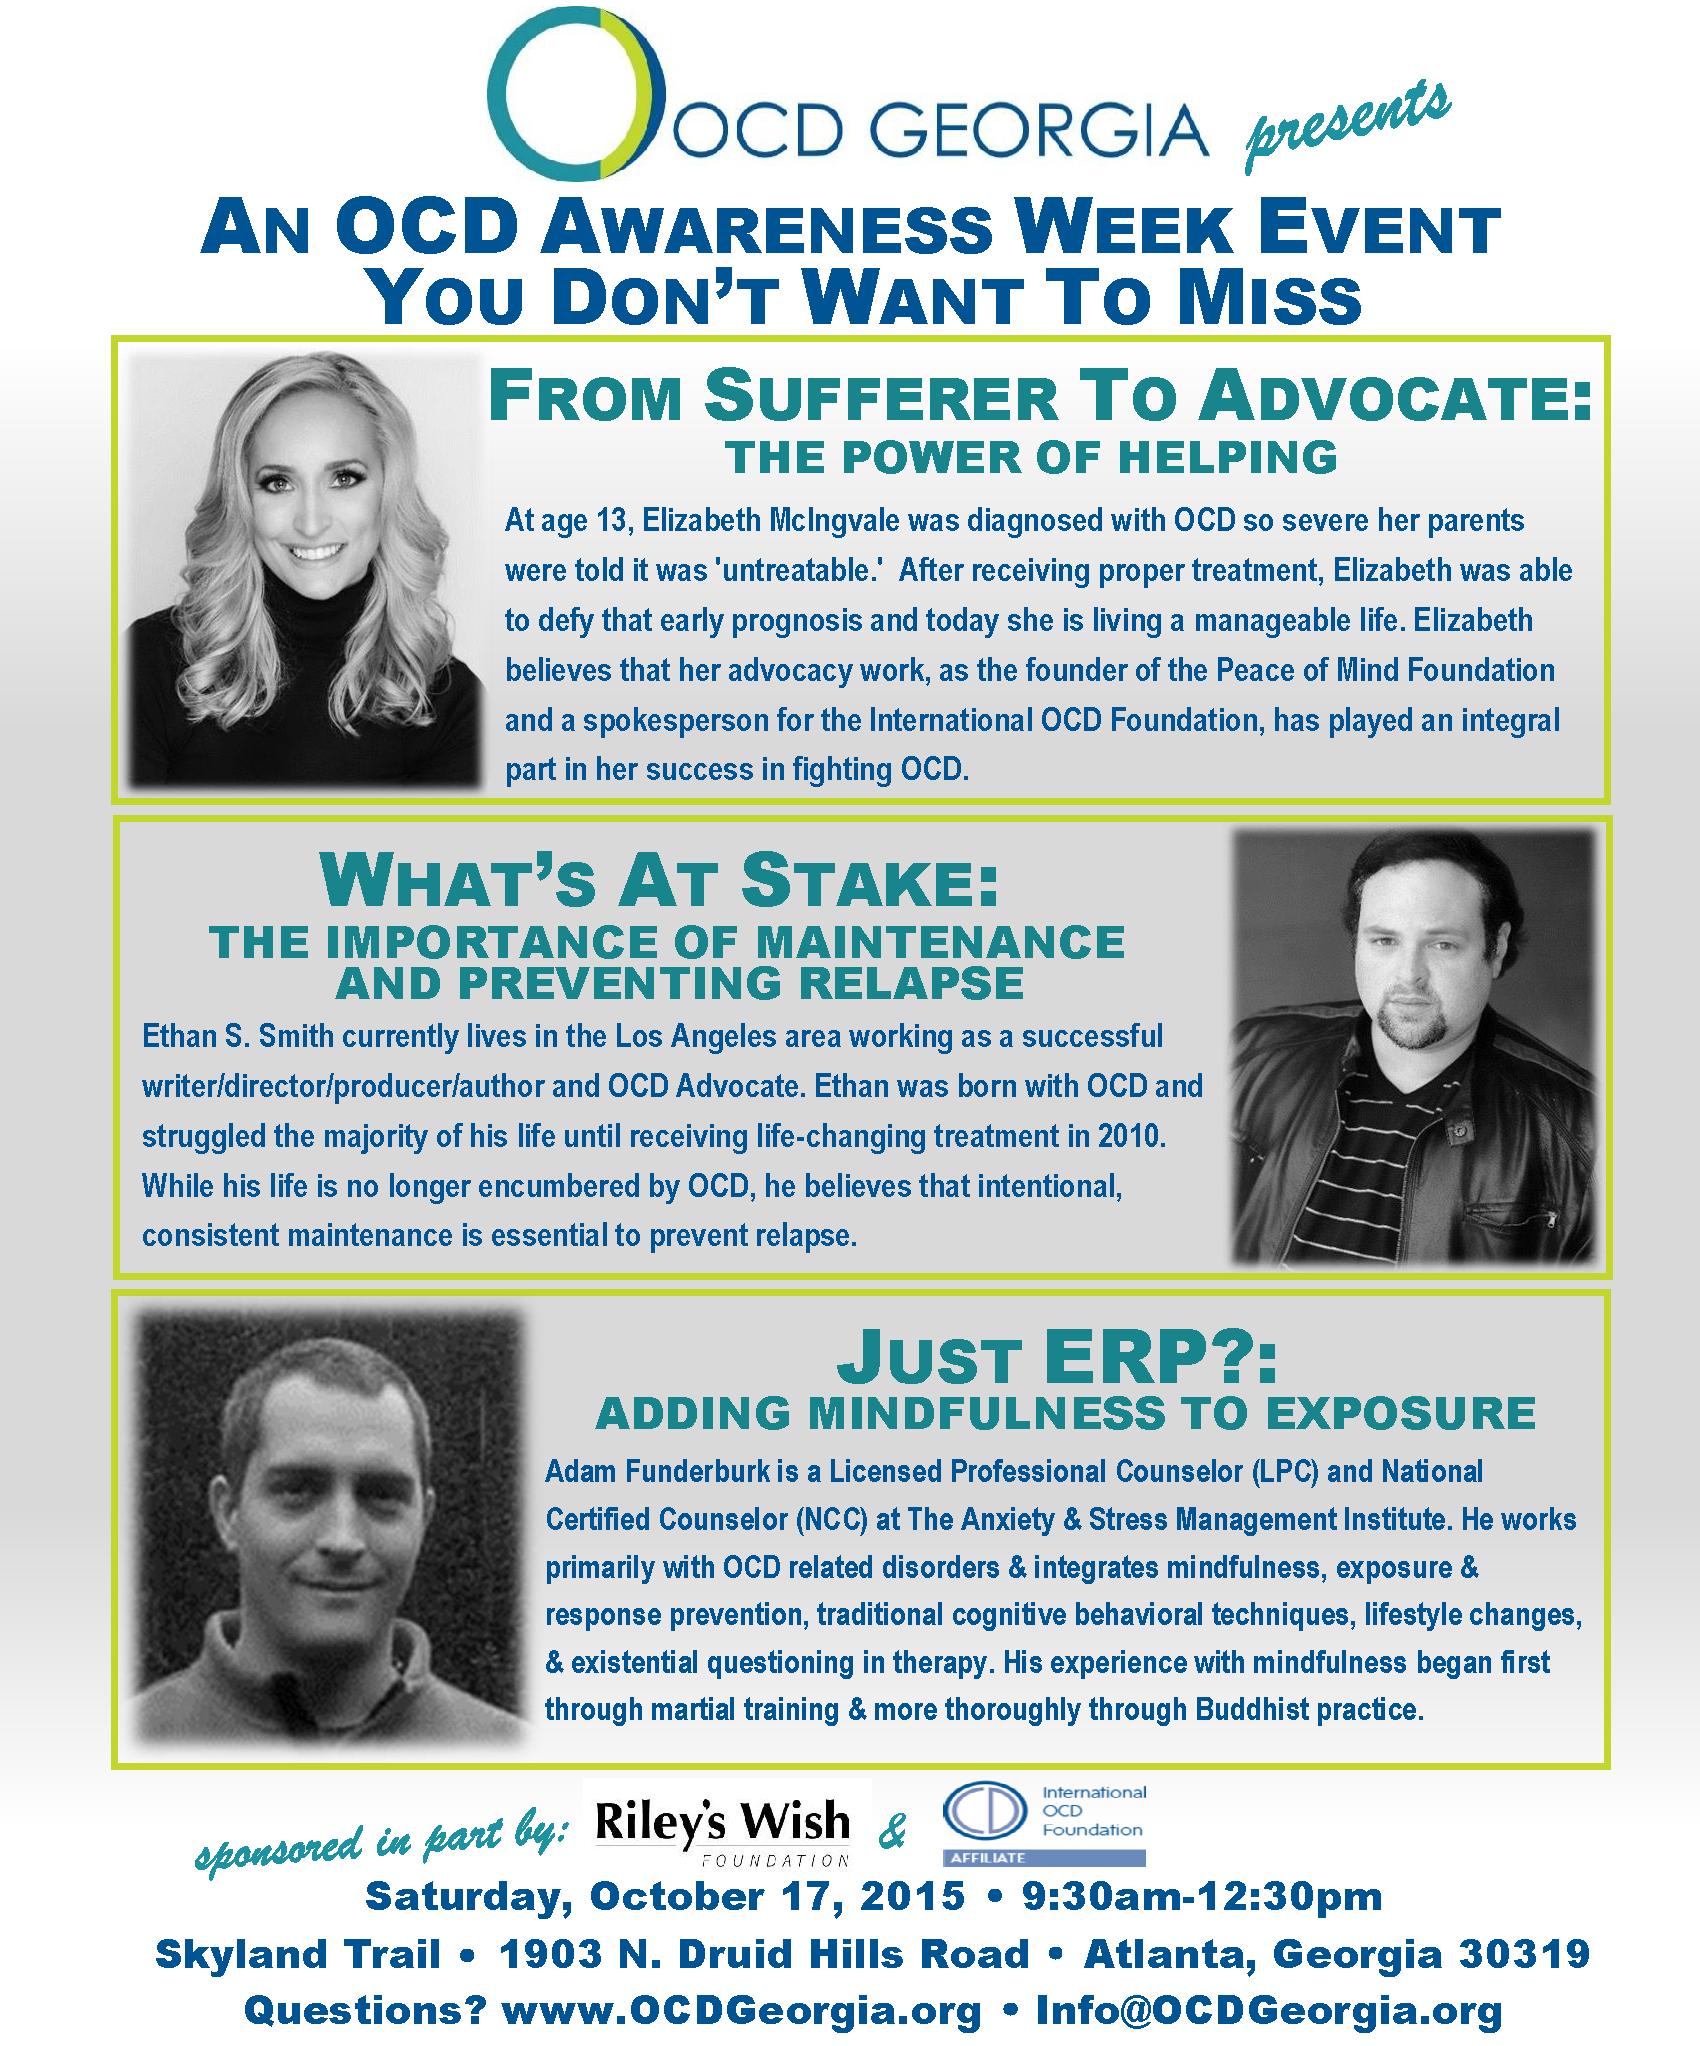 An OCD Awareness Week